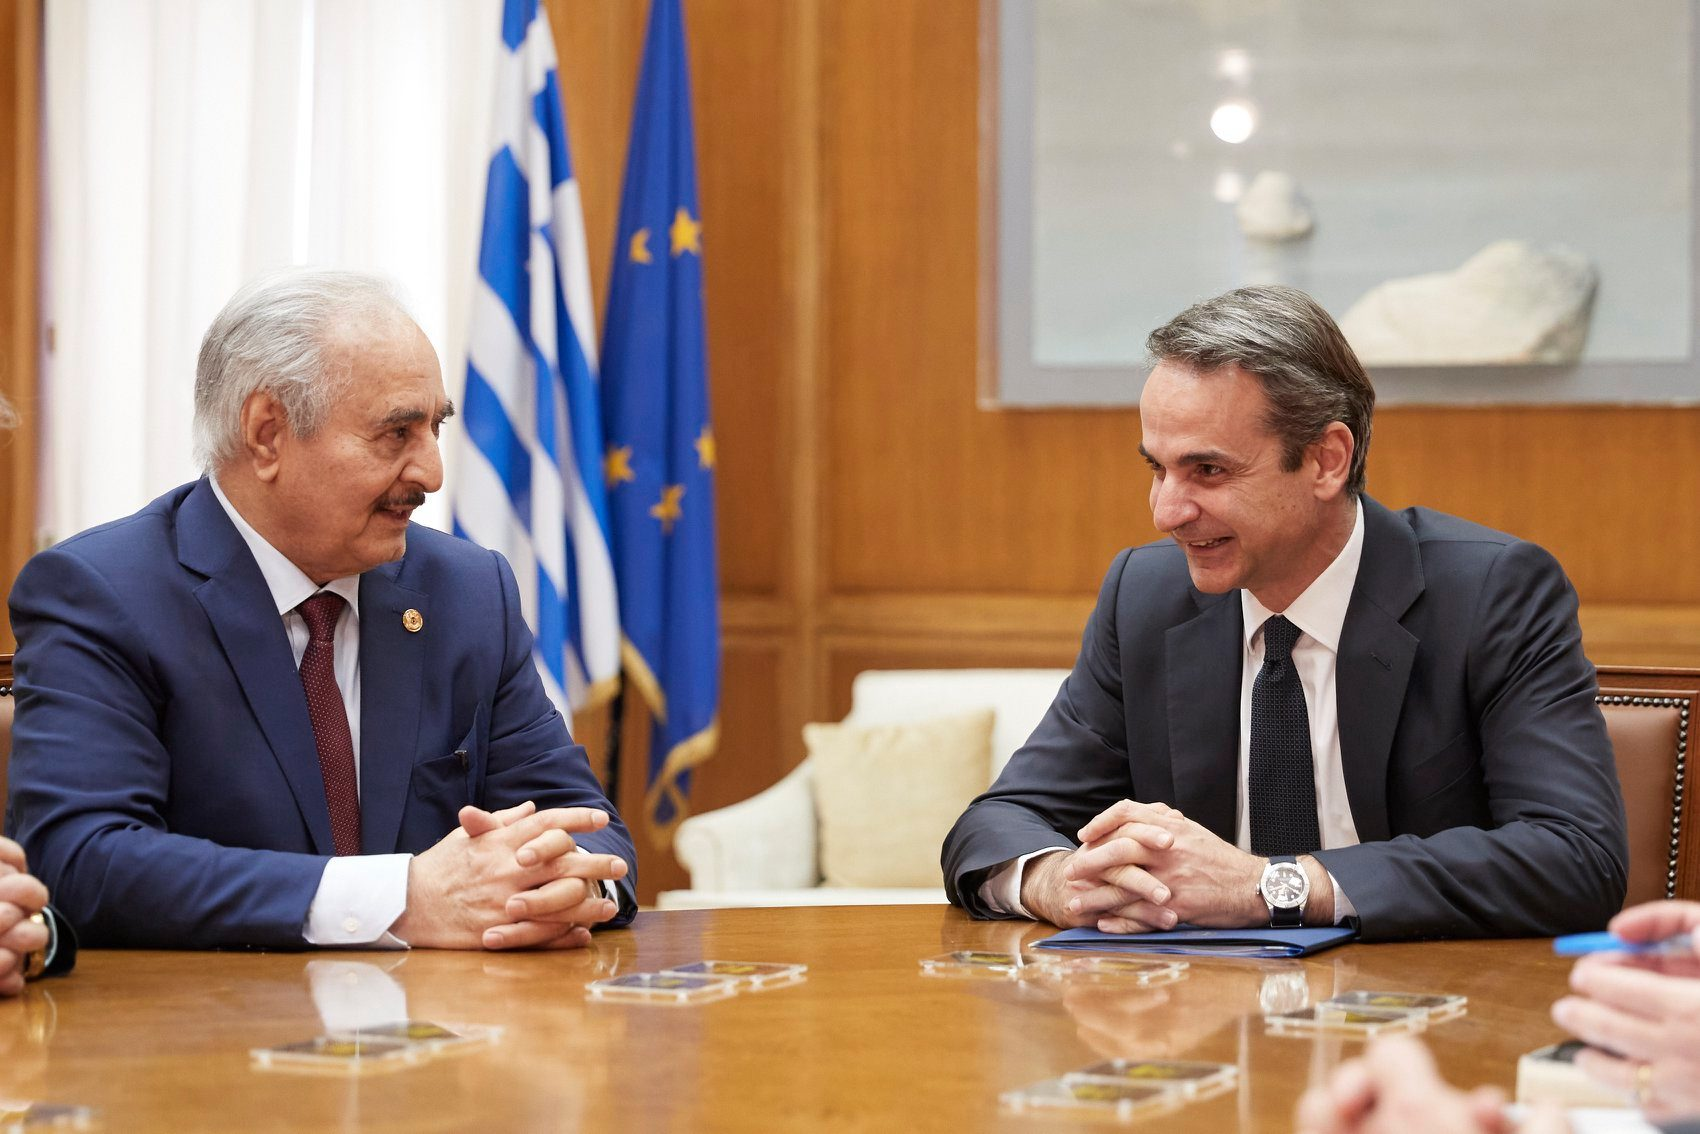 Τι ειπώθηκε στη συνάντηση του πρωθυπουργού με τον στρ. Χάφταρ – Εκνευρισμένος ο Ερντογάν για την επίσκεψη – Bloomberg: Κίνδυνος για θερμό επεισόδιο